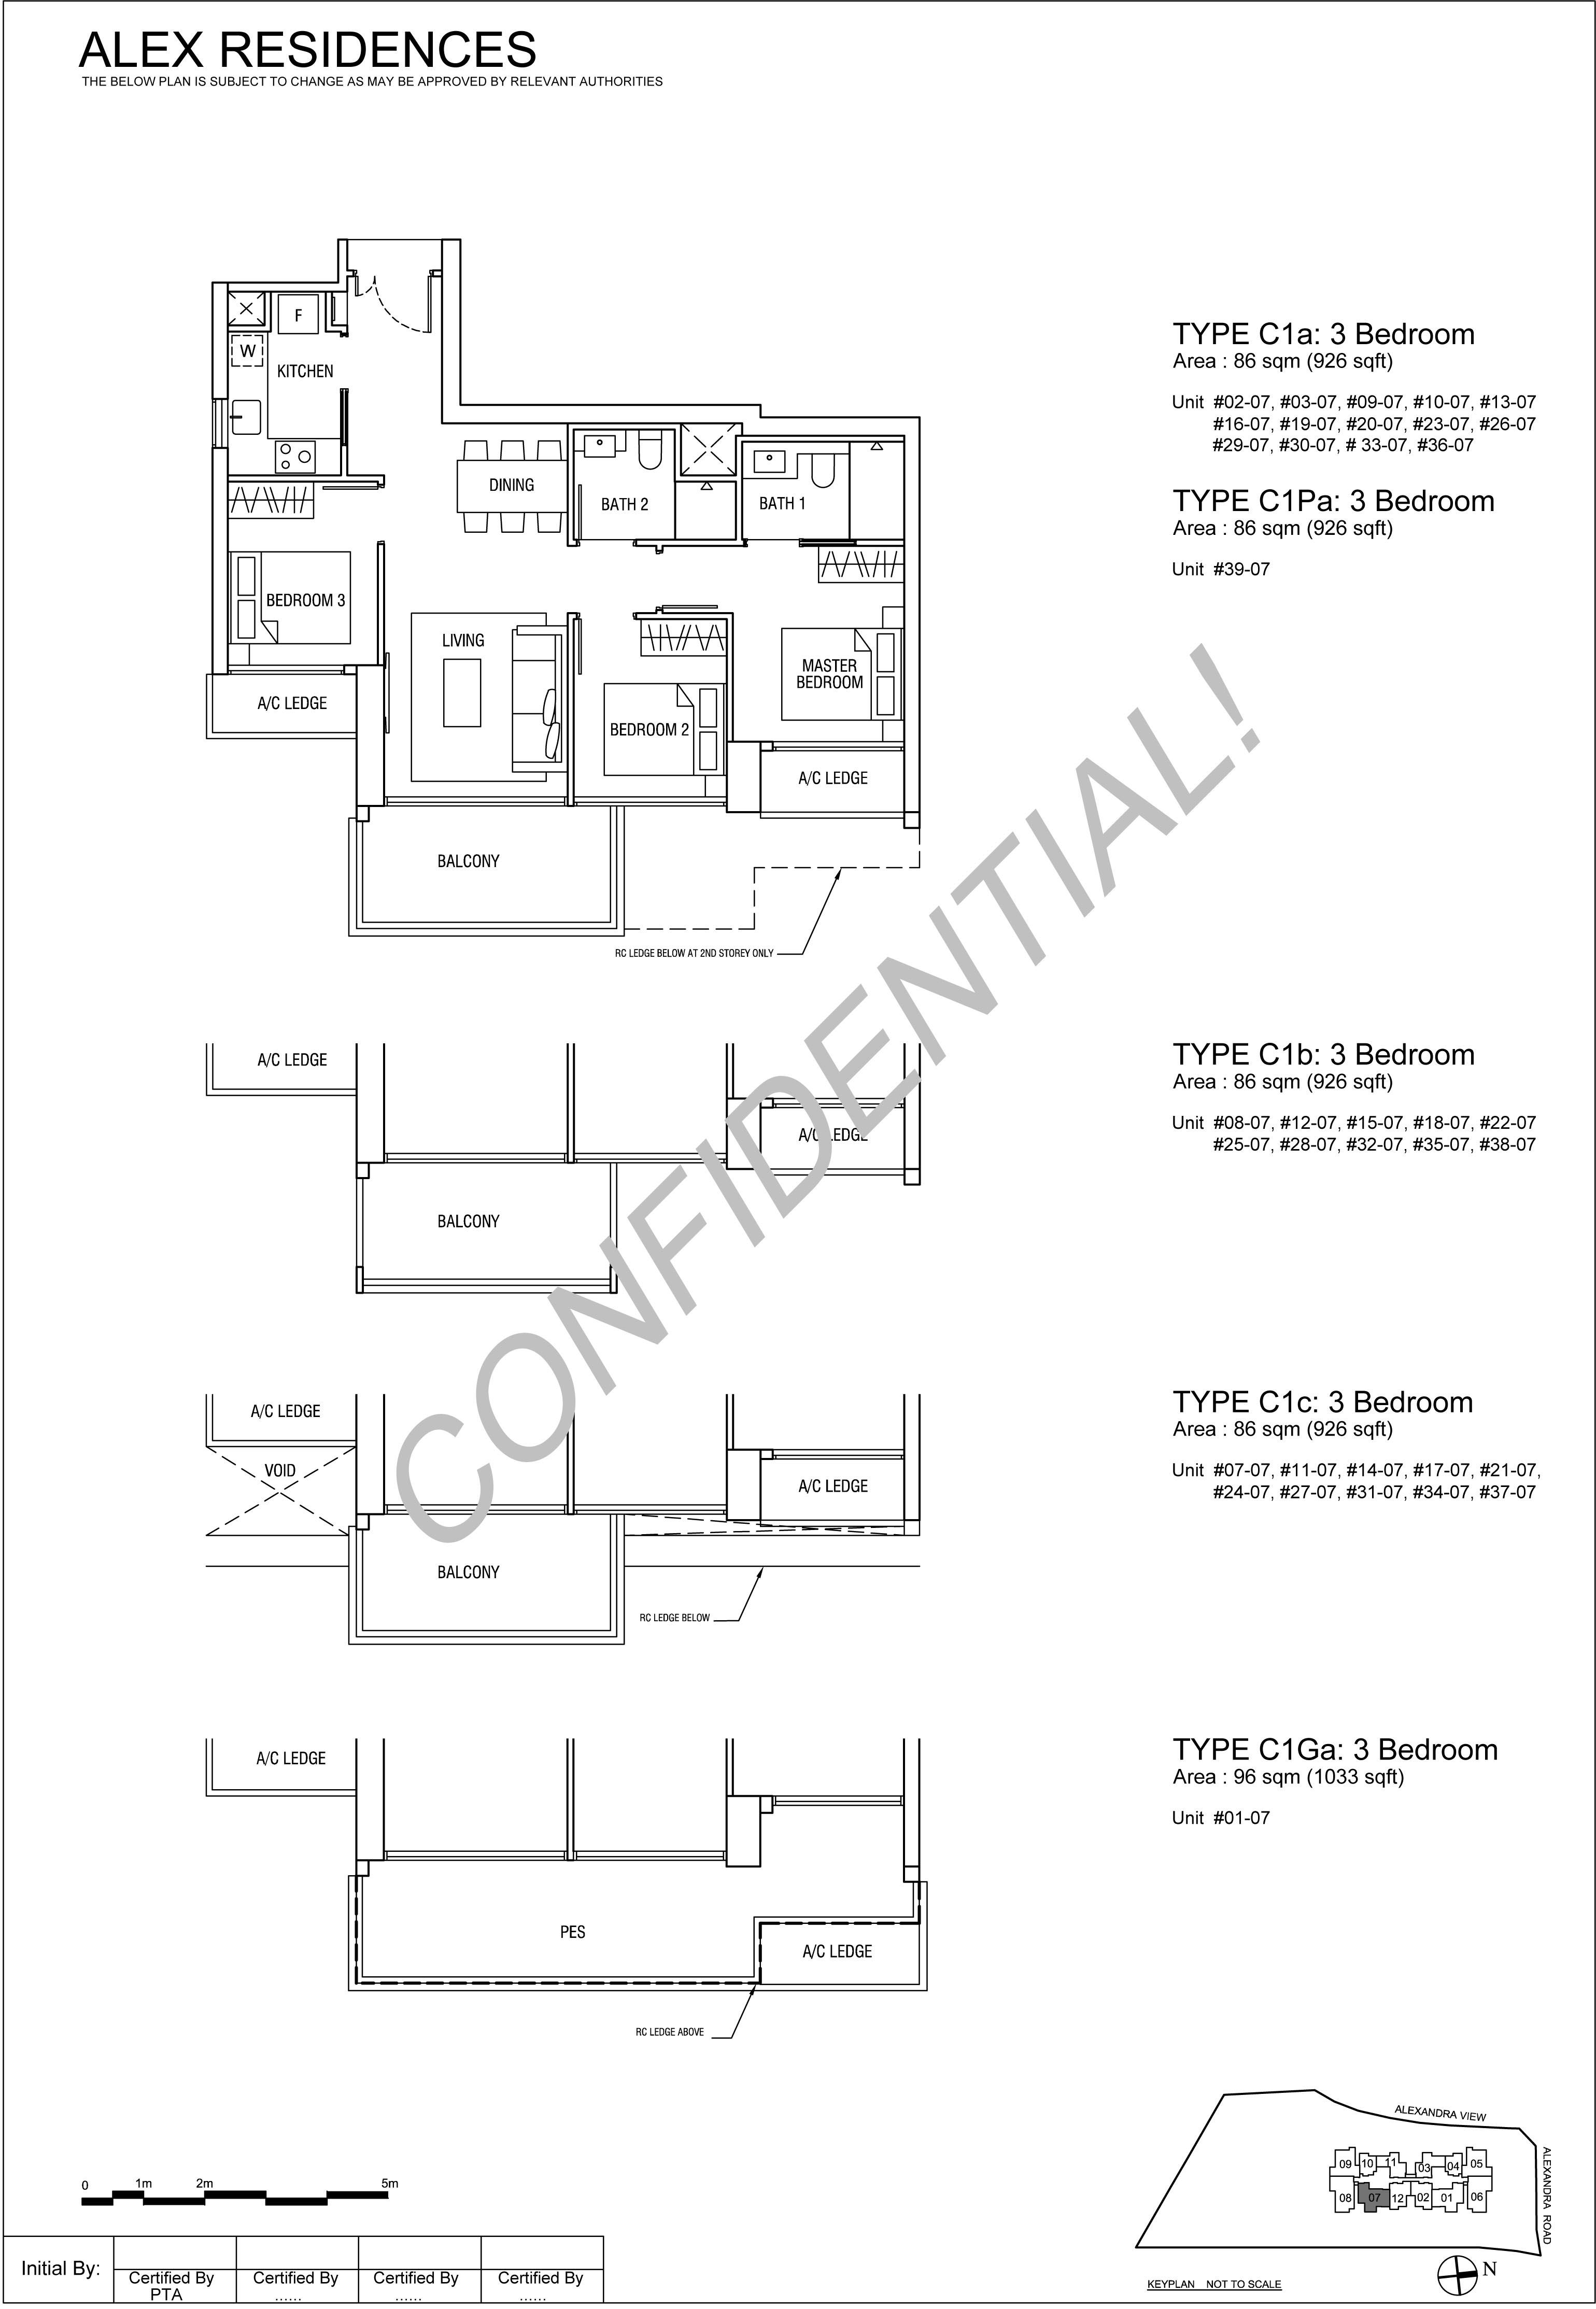 TYPE-C1-3-Bedroom